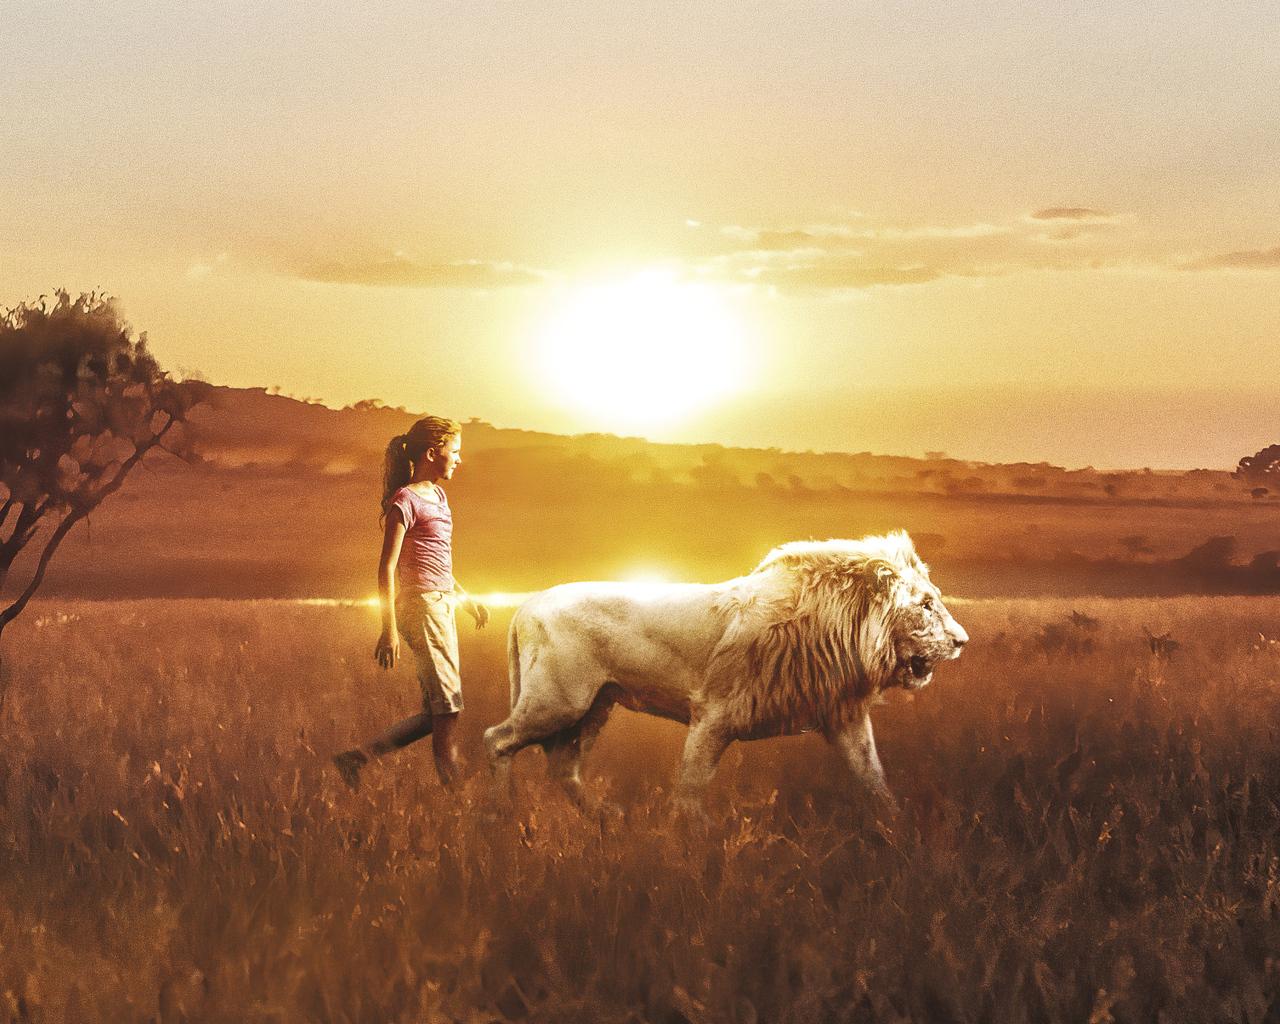 mia-and-the-white-lion-qb.jpg